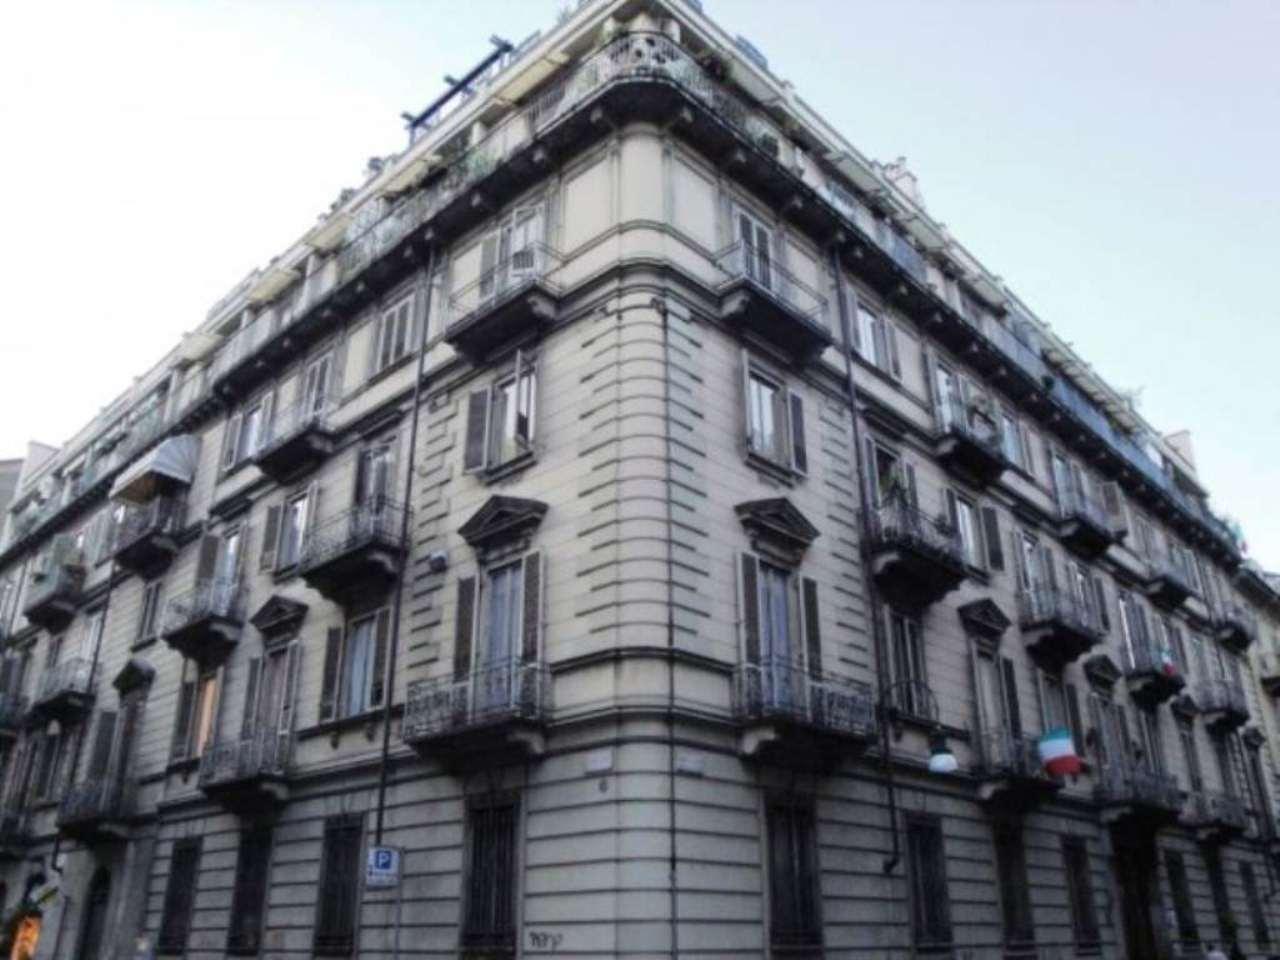 Ufficio in vendita Zona Cit Turin, San Donato, Campidoglio - via Giacinto Collegno 28 Torino